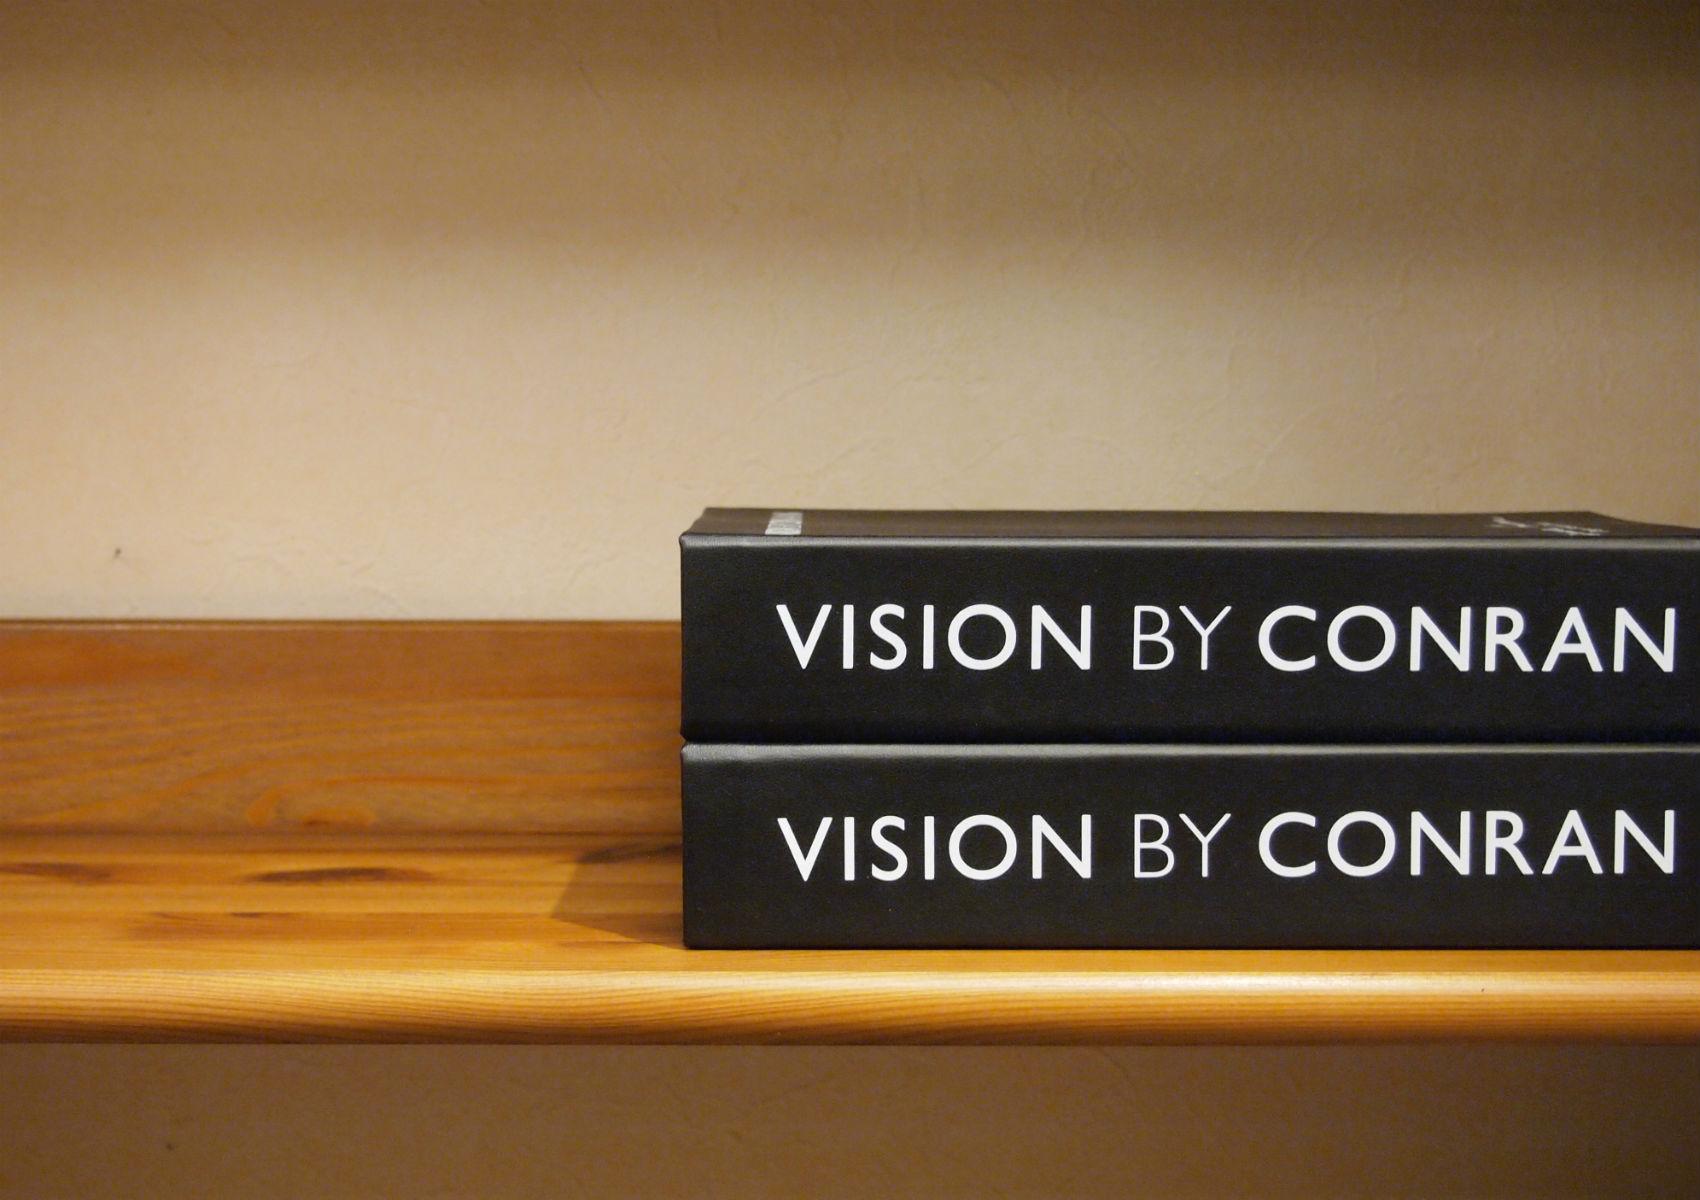 VISION BY CONRAN